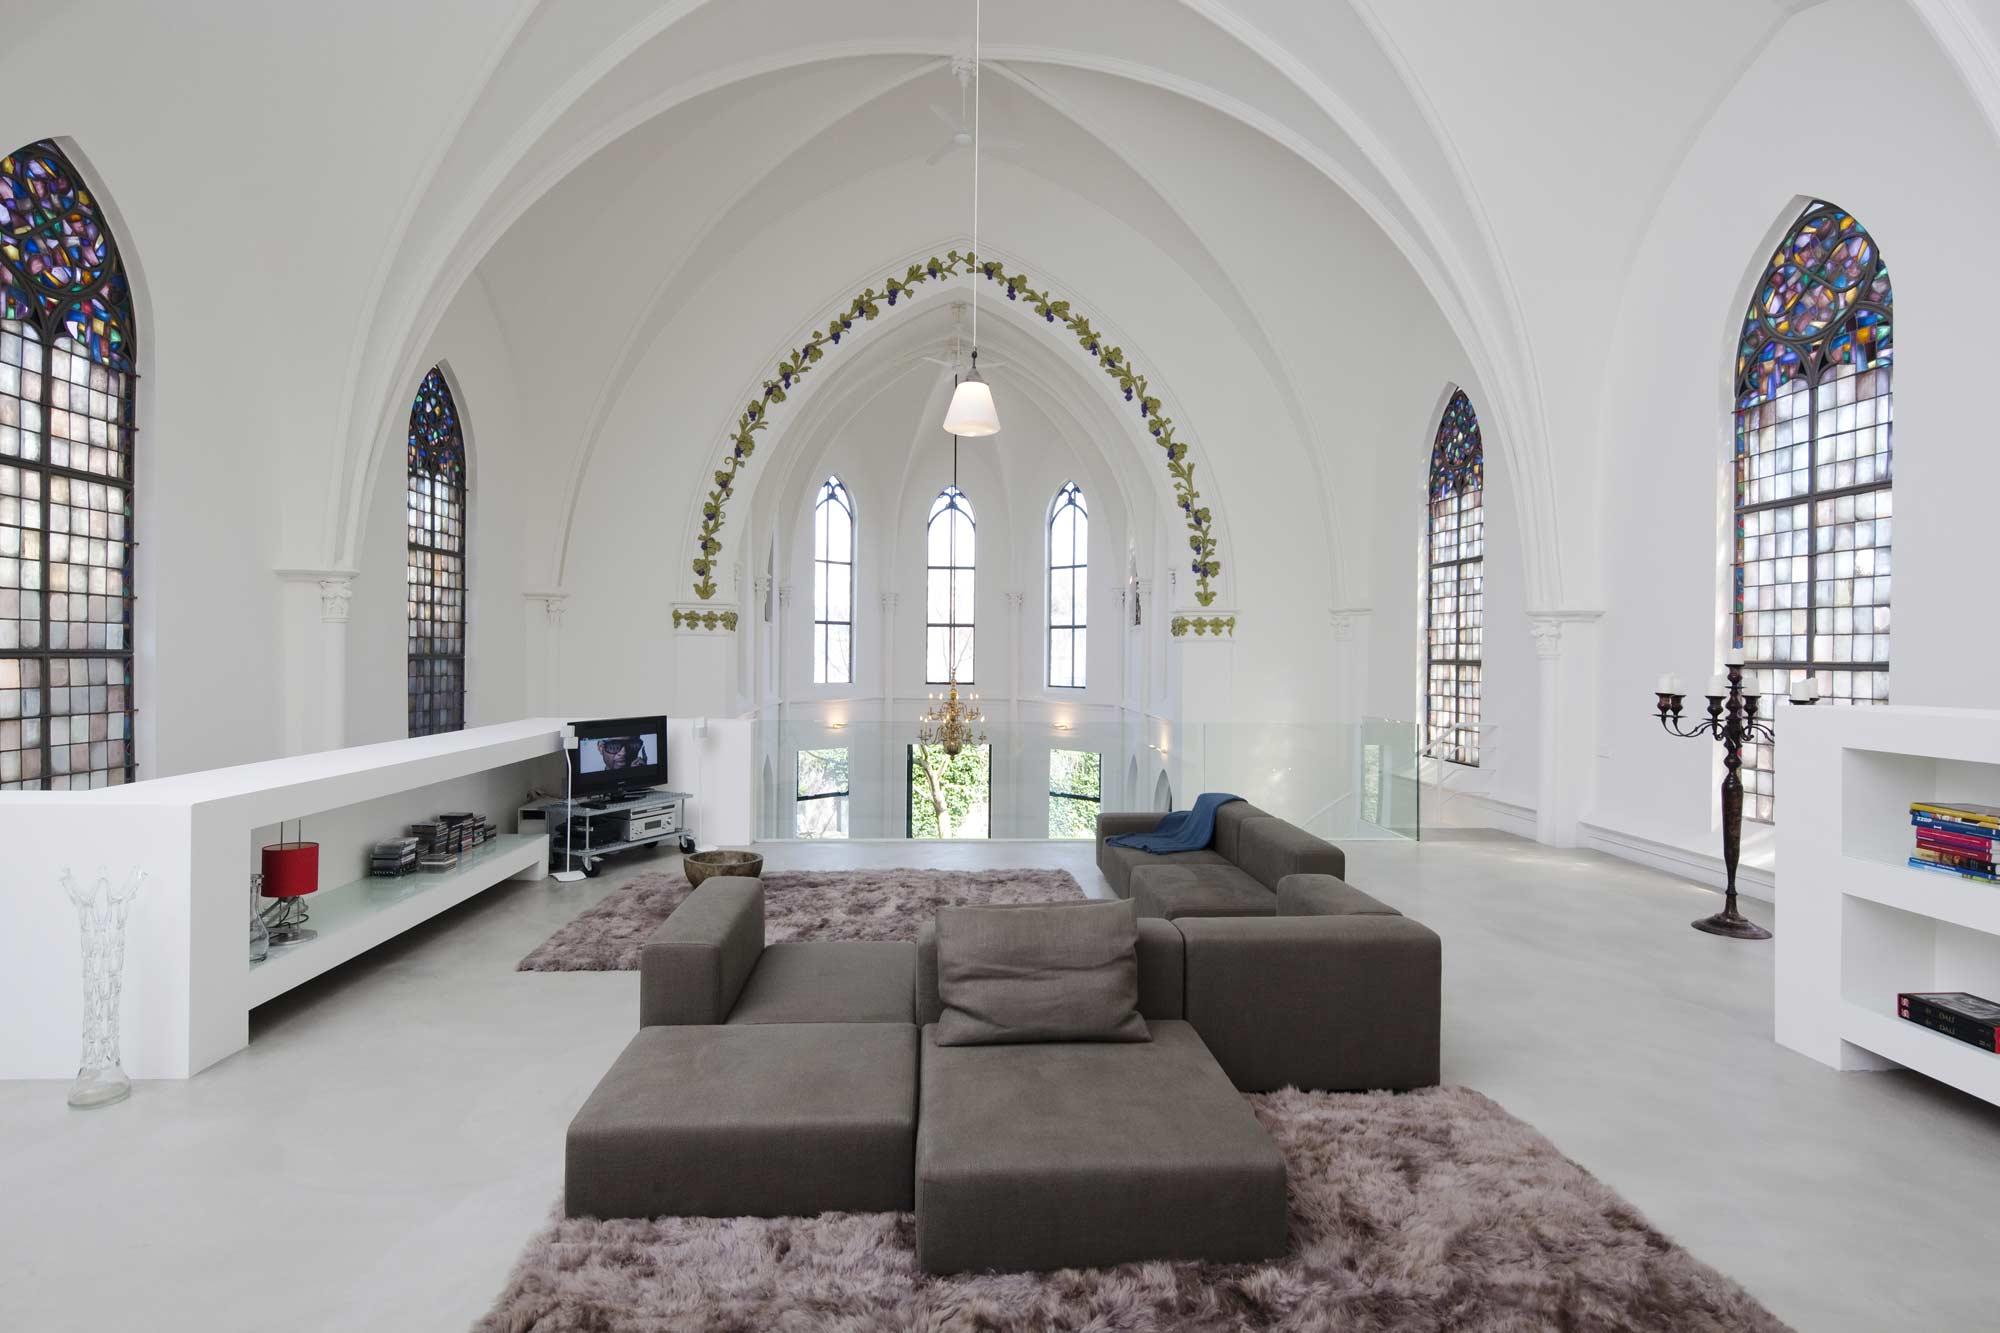 Стрельчатый потолок в готическом стиле